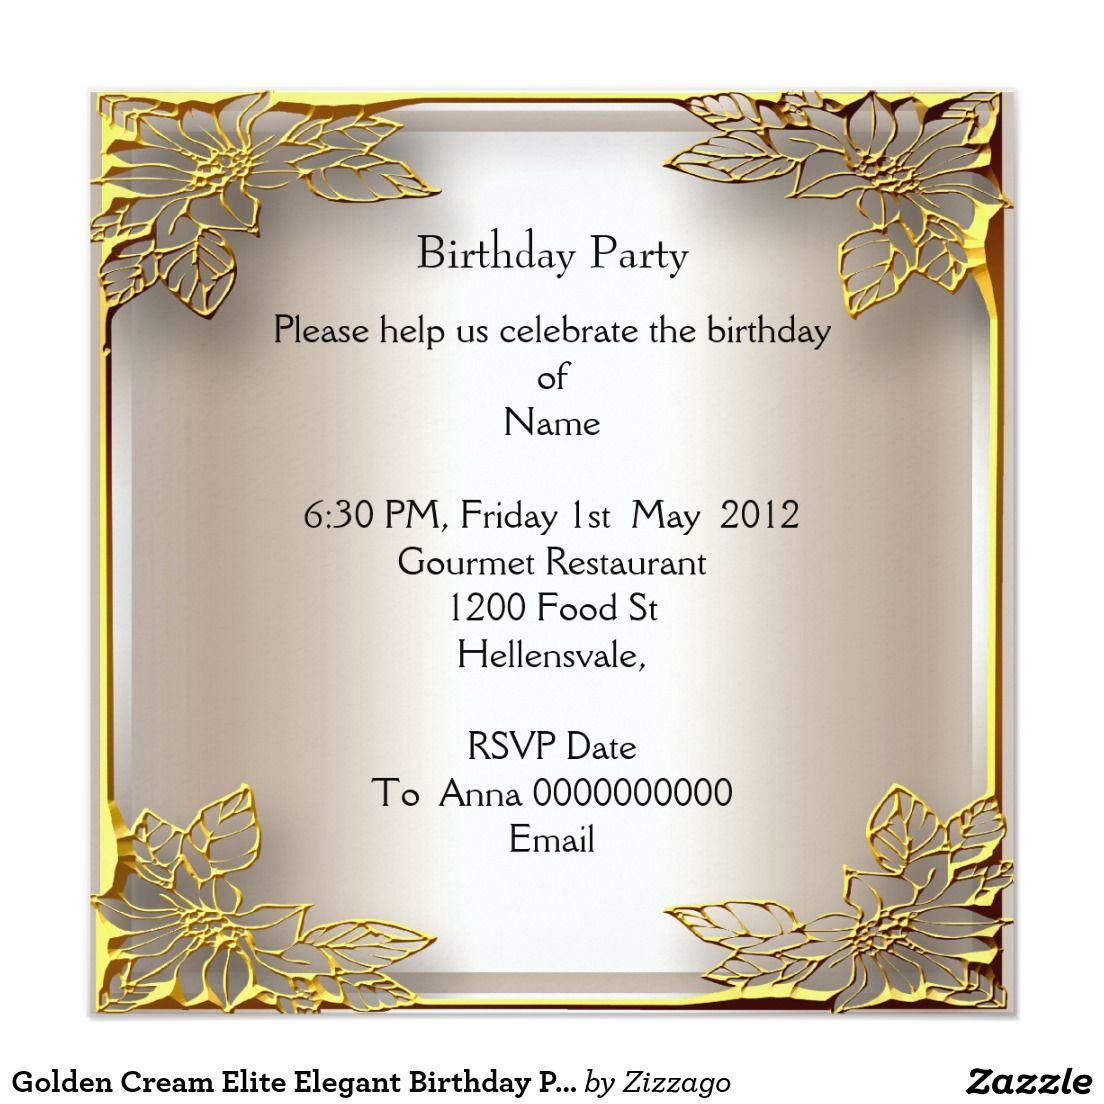 Invitación Fiesta De Cumpleaños Elegante De La élite Poner